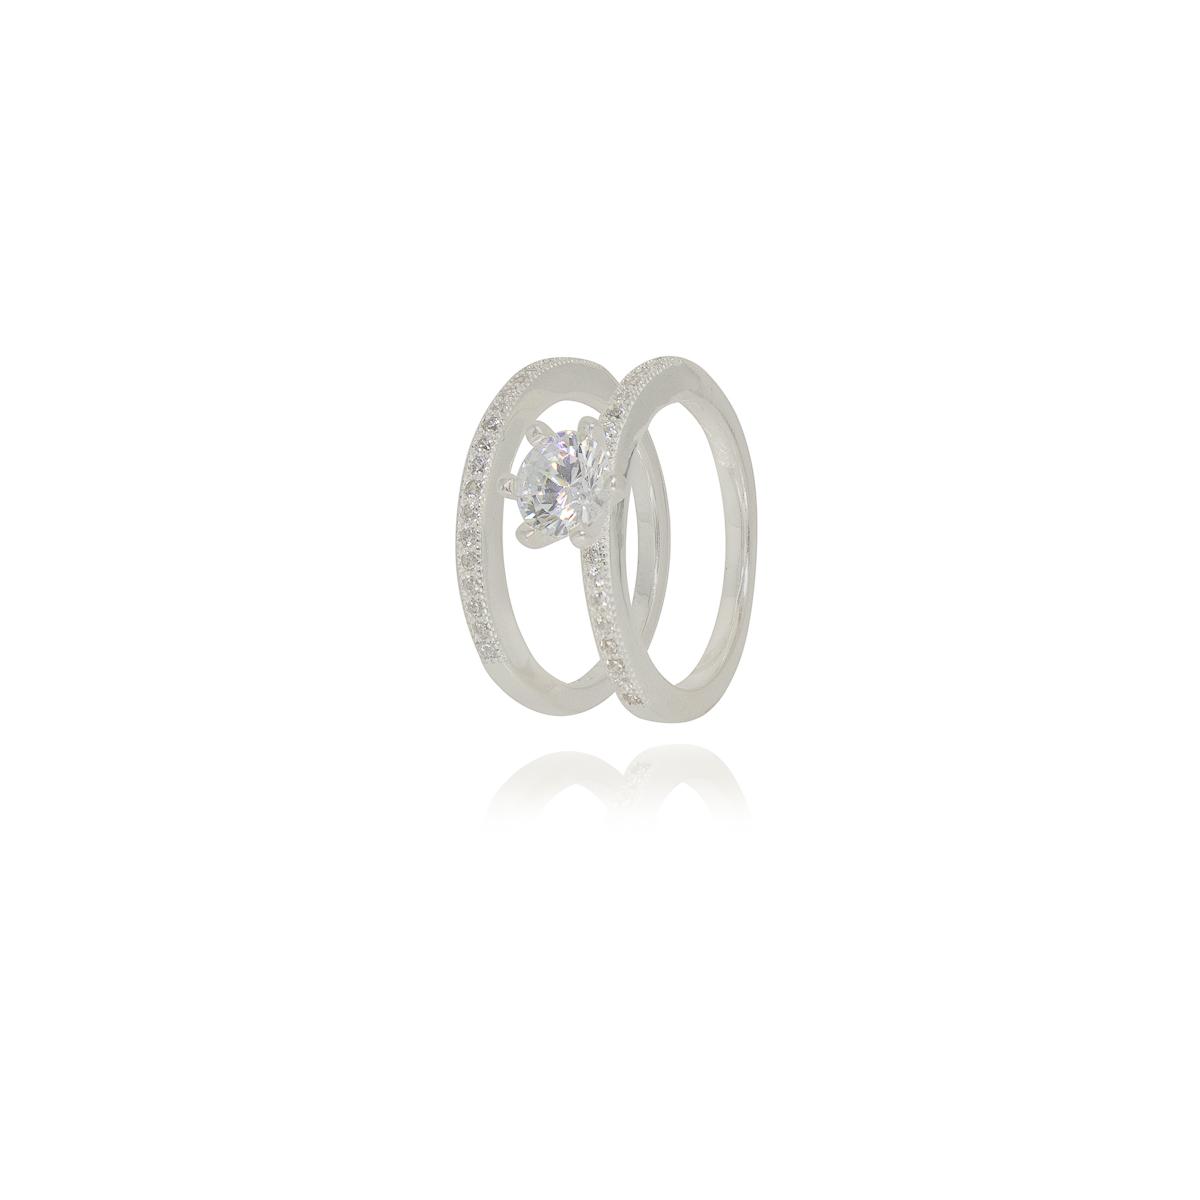 Aparador e solitário joia prata 925 pura cravejado zircônia